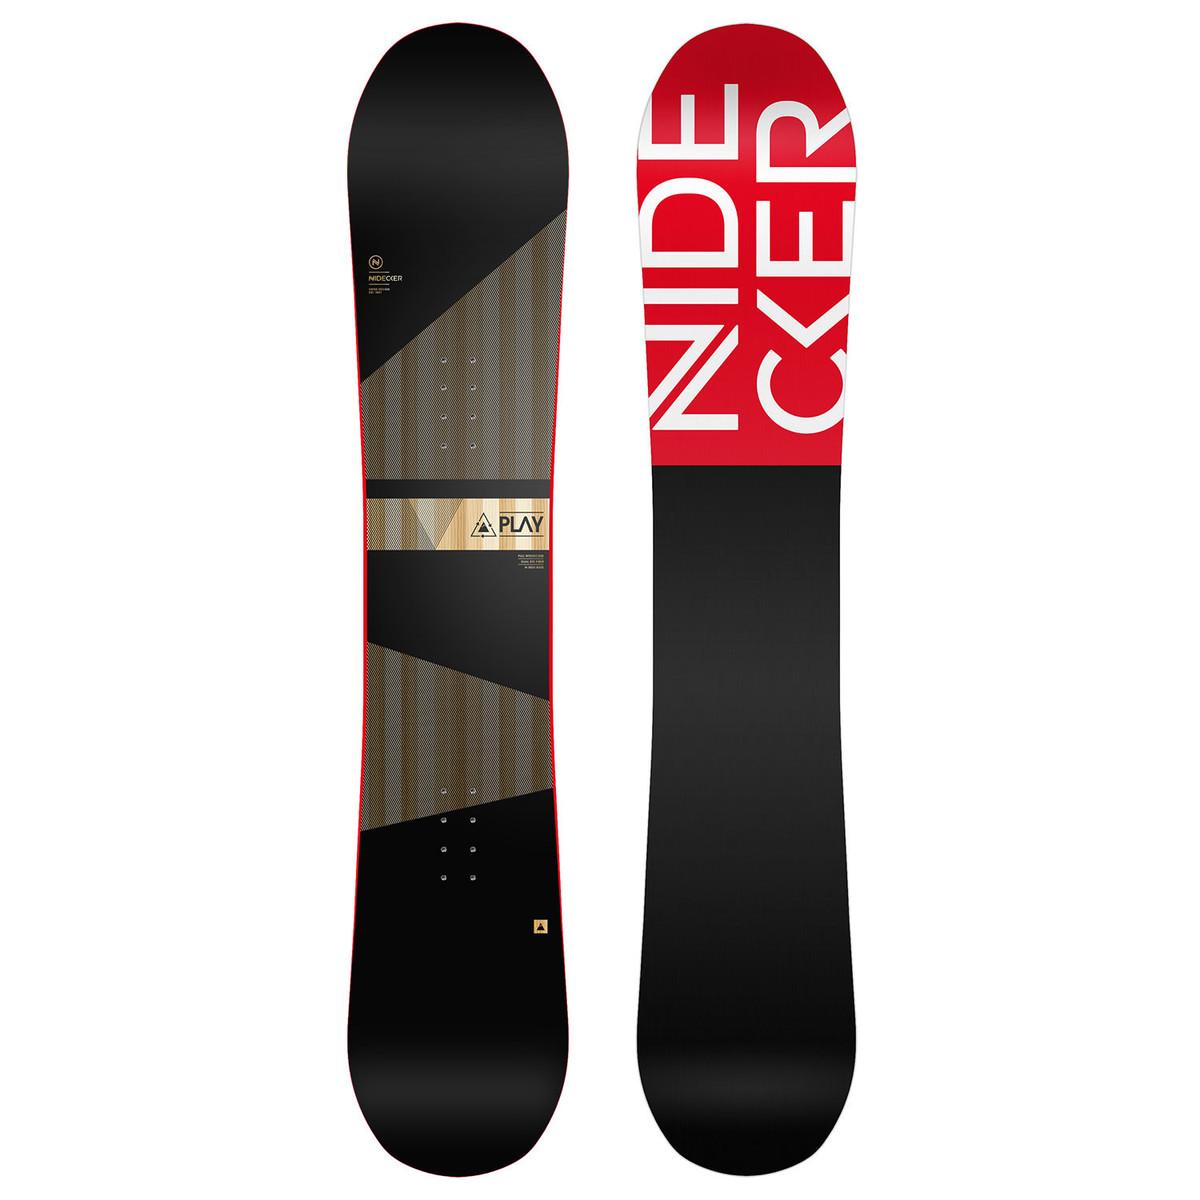 Snowboard Nidecker Play 17/18 162XL